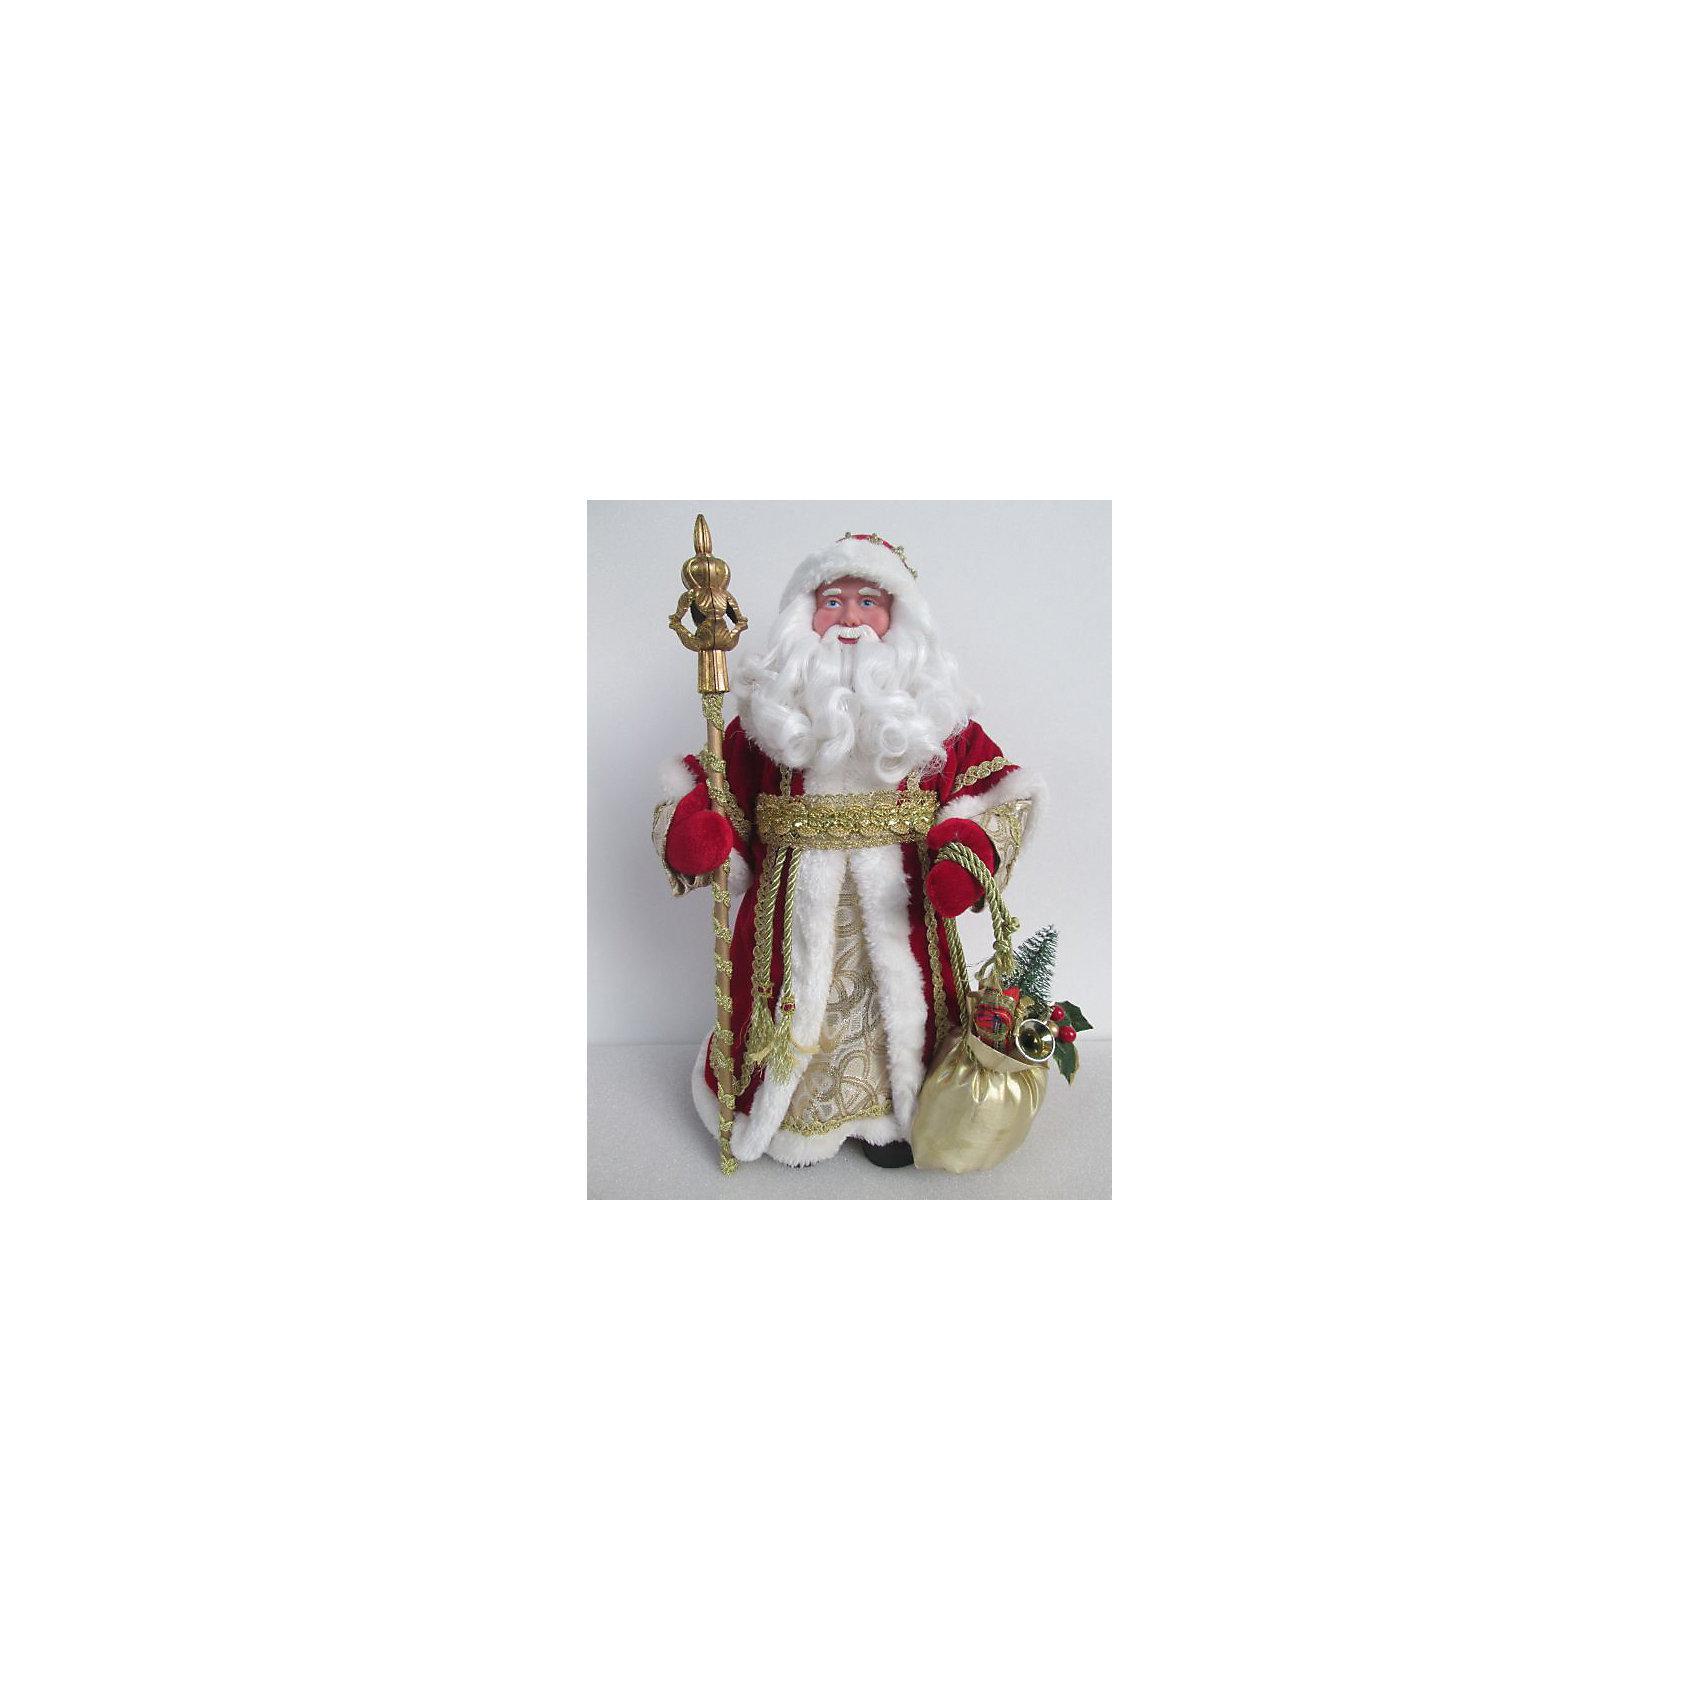 Новогодняя фигурка Дед Мороз в красном костюме (30см, из пластика и ткани)Новогодние сувениры<br>Новогодняя фигурка Дед Мороз в красном костюме арт.39095 (30см, из пластика и ткани) арт.39095<br><br>Ширина мм: 150<br>Глубина мм: 95<br>Высота мм: 310<br>Вес г: 323<br>Возраст от месяцев: 60<br>Возраст до месяцев: 600<br>Пол: Унисекс<br>Возраст: Детский<br>SKU: 5144552